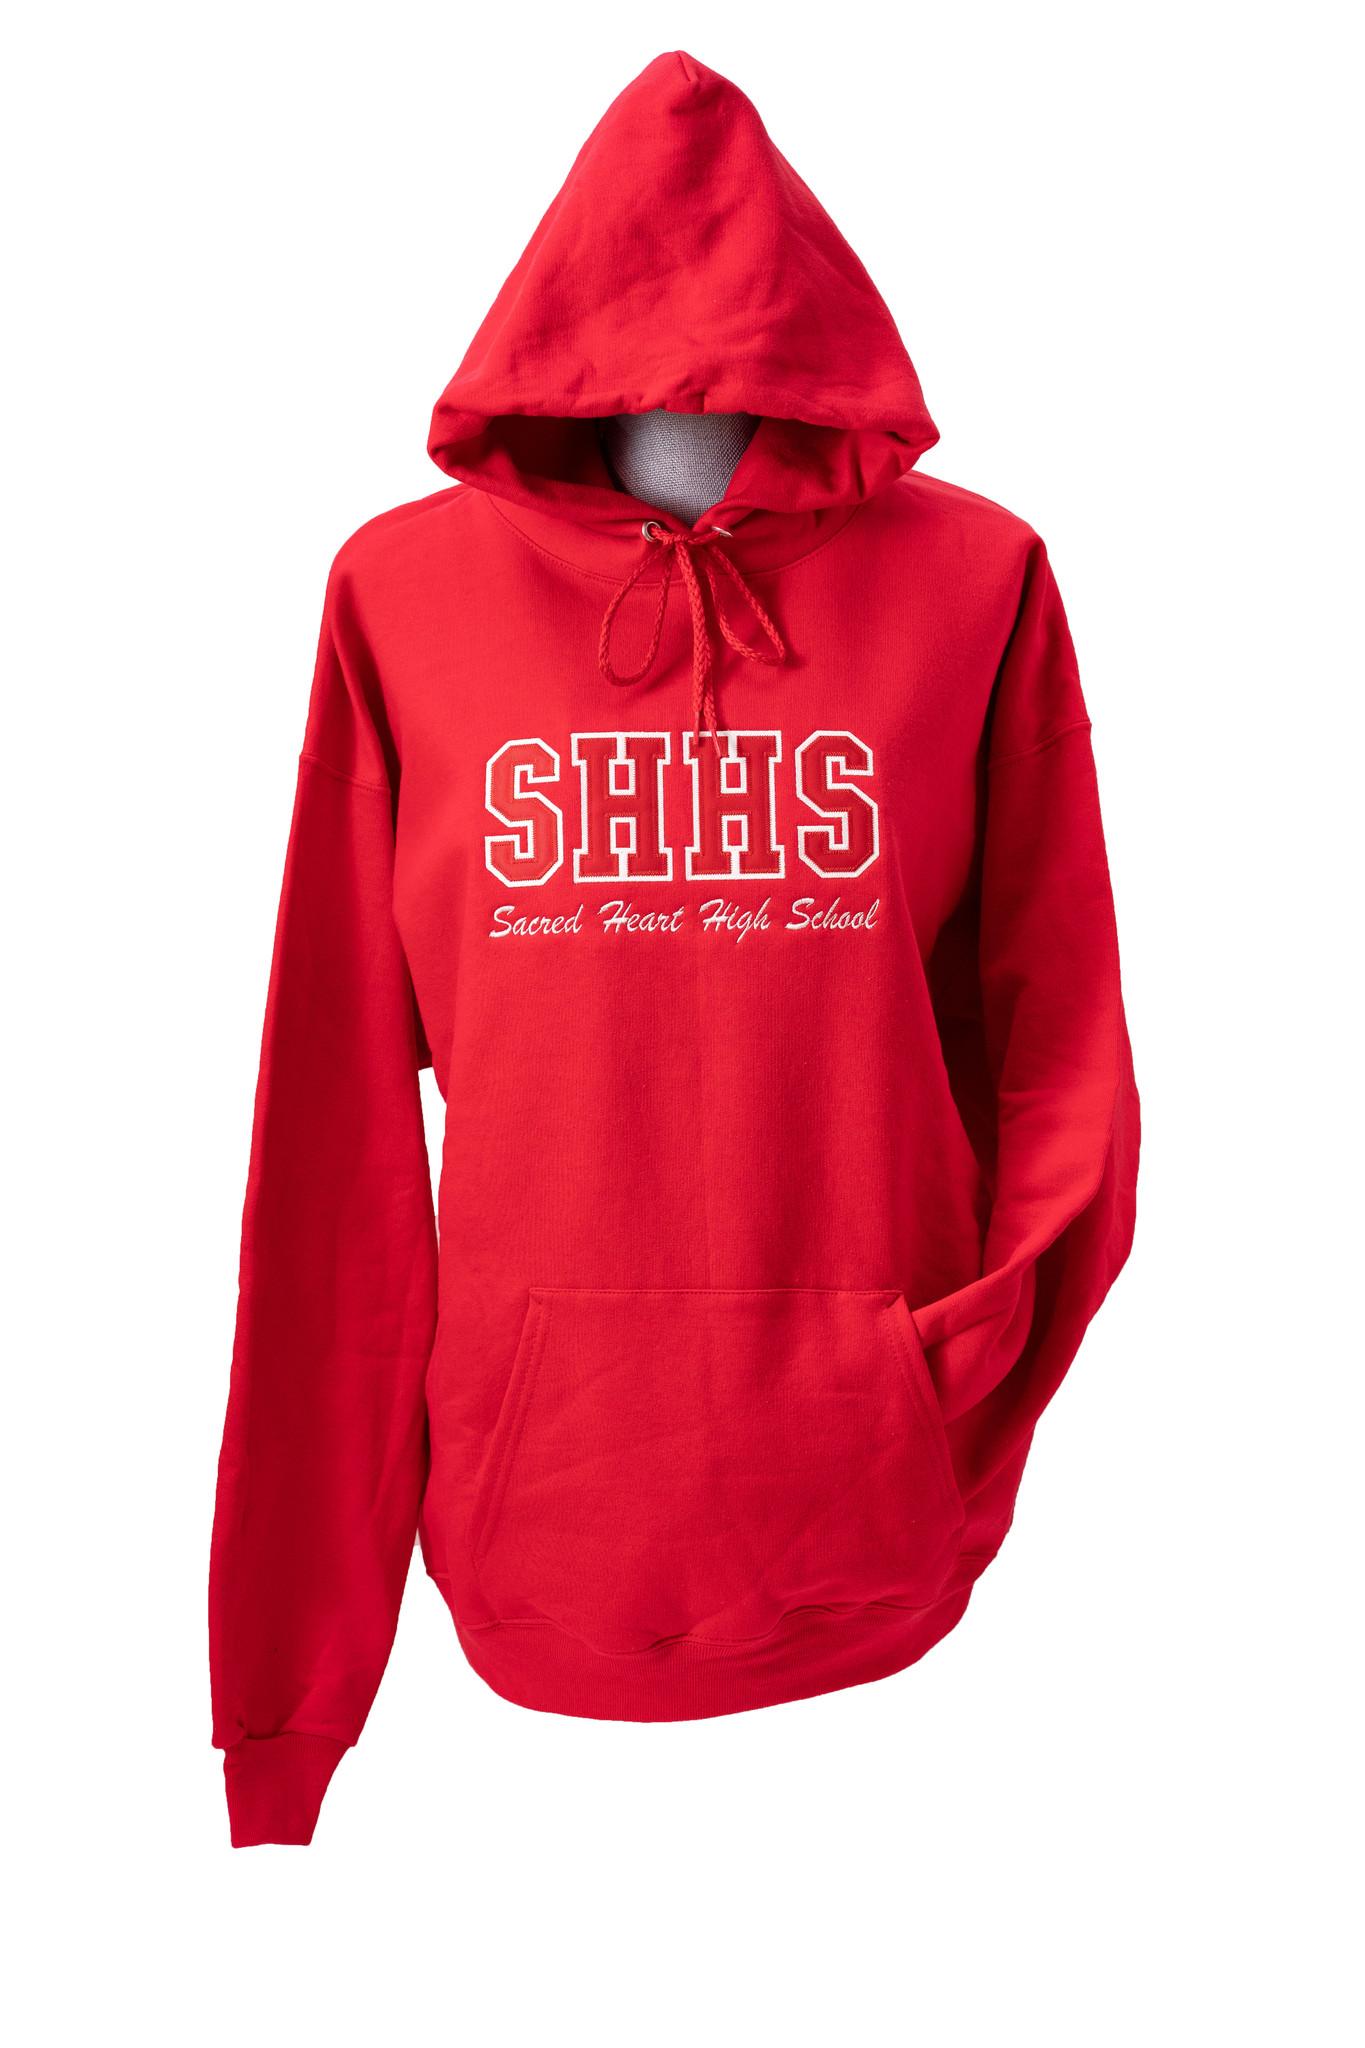 SHHS Sweatshirt